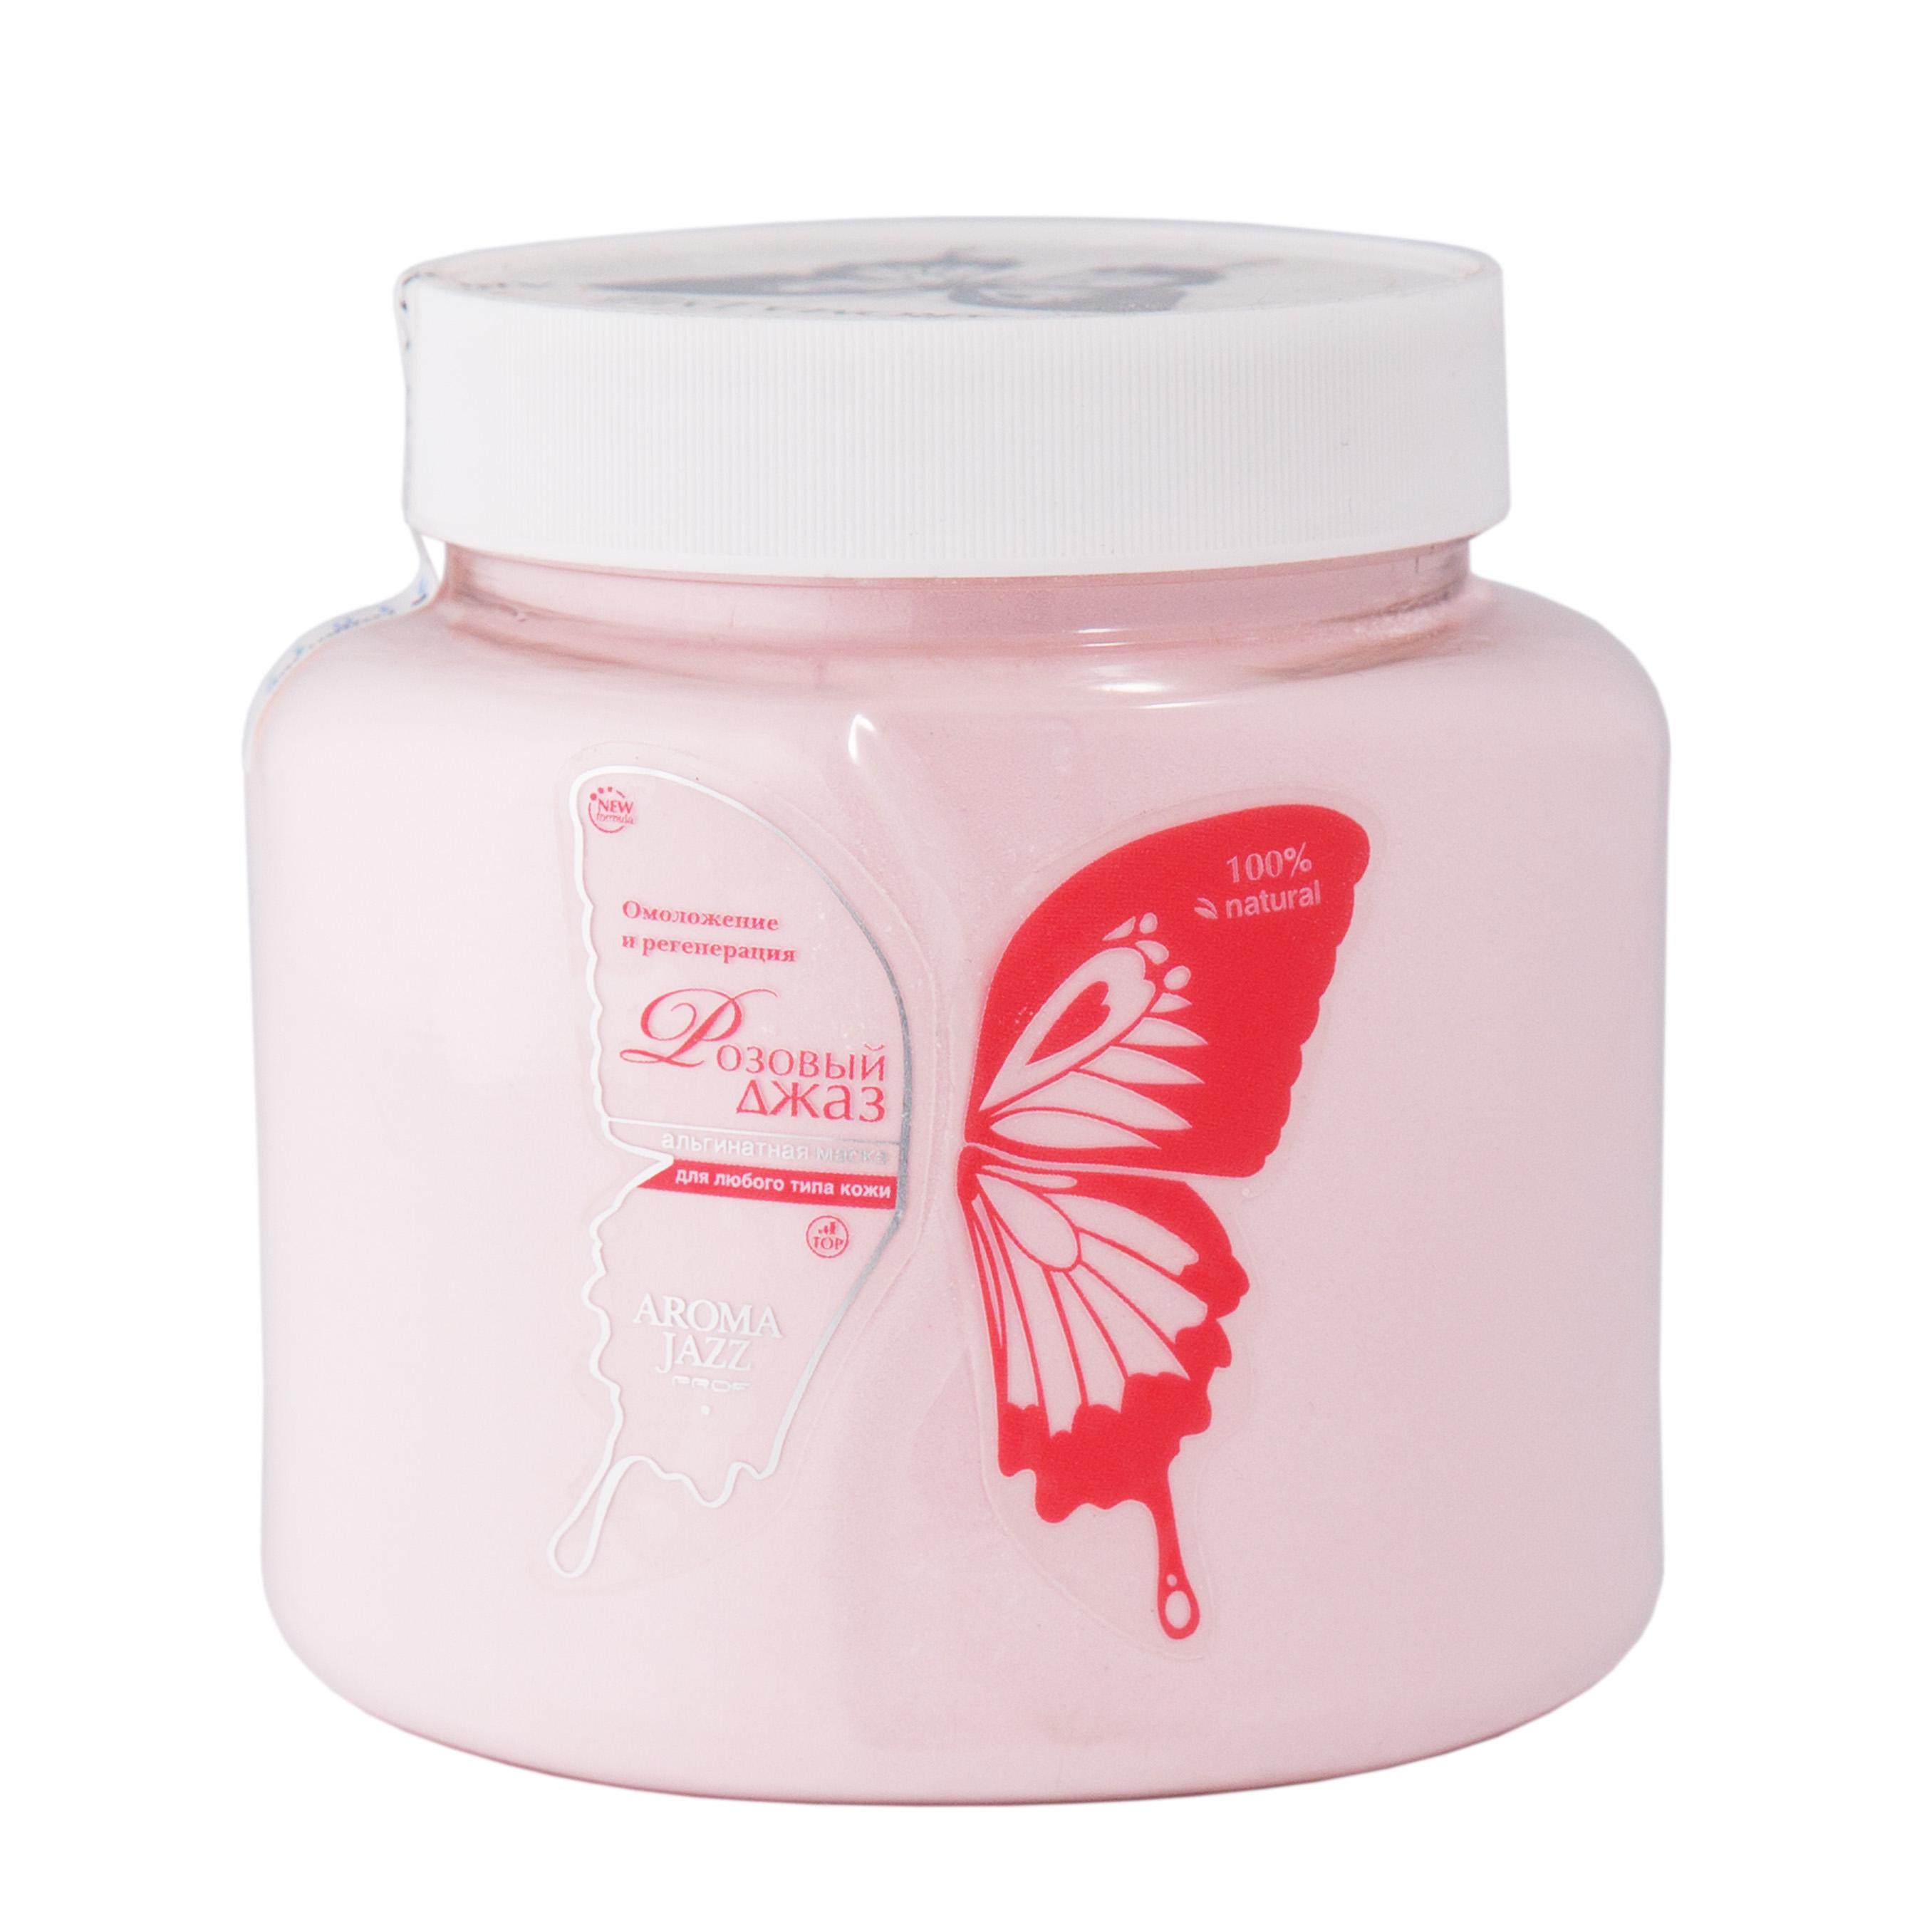 """AROMA JAZZ Маска альгинатная с термальным эффектом для лица """"Розовый джаз"""" 700мл~"""